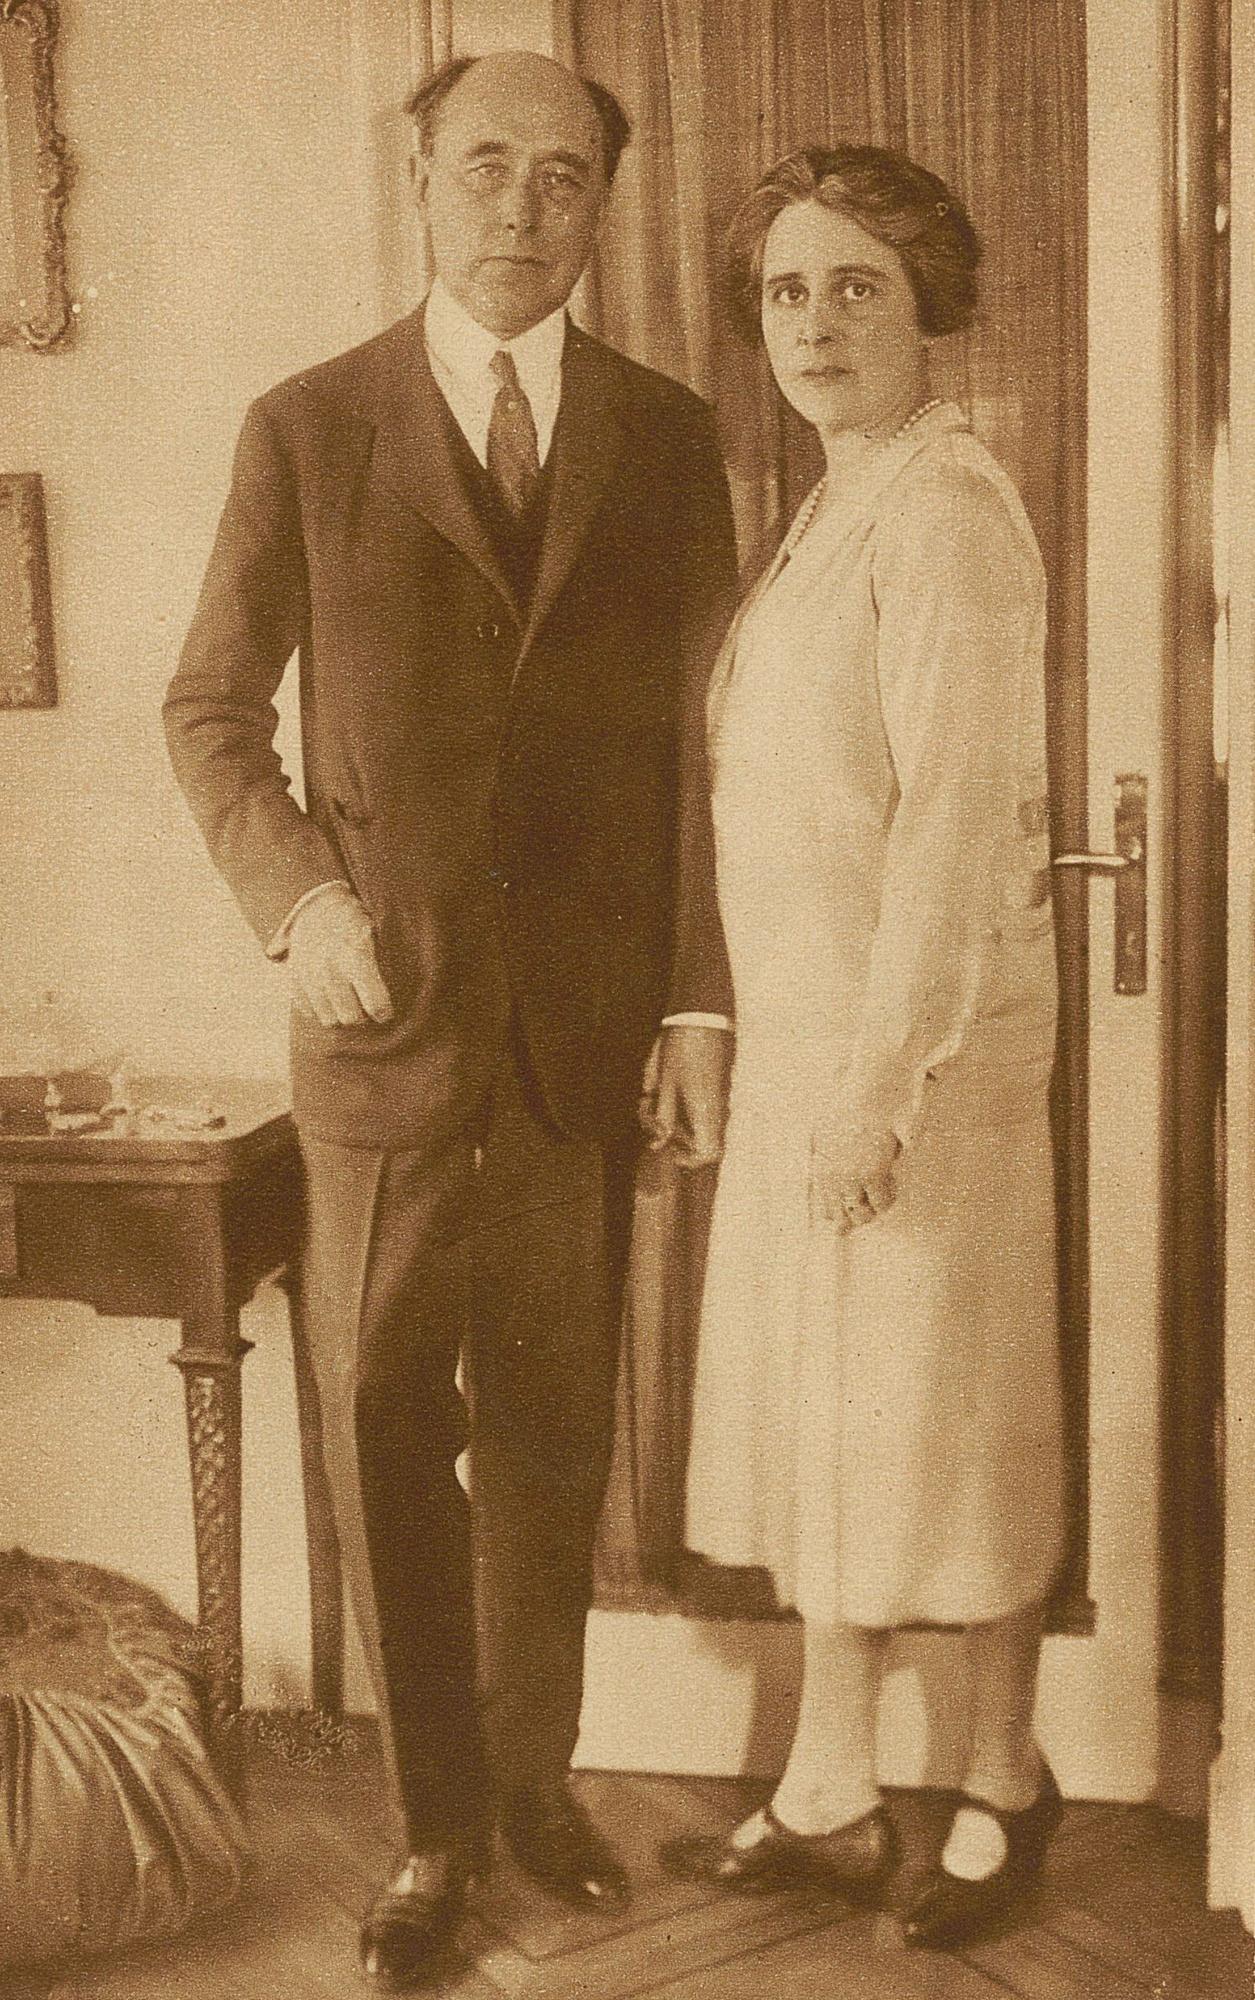 Felix WEINGARTNER et son épouse Carmen, Bâle, 1927, Photo Teichmann, publiée dans le Zürcher Illustrierte, 1927, Cahier 24, page 2, http://doi.org/10.5169/seals-757946, cliquer pour voir l'original